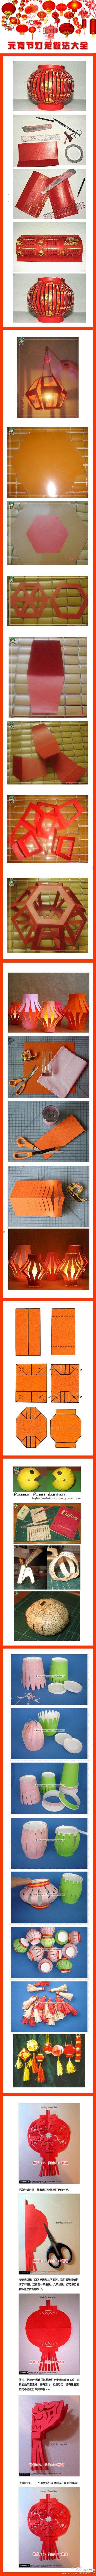 Verschiedene leicht herzustellende Lampions